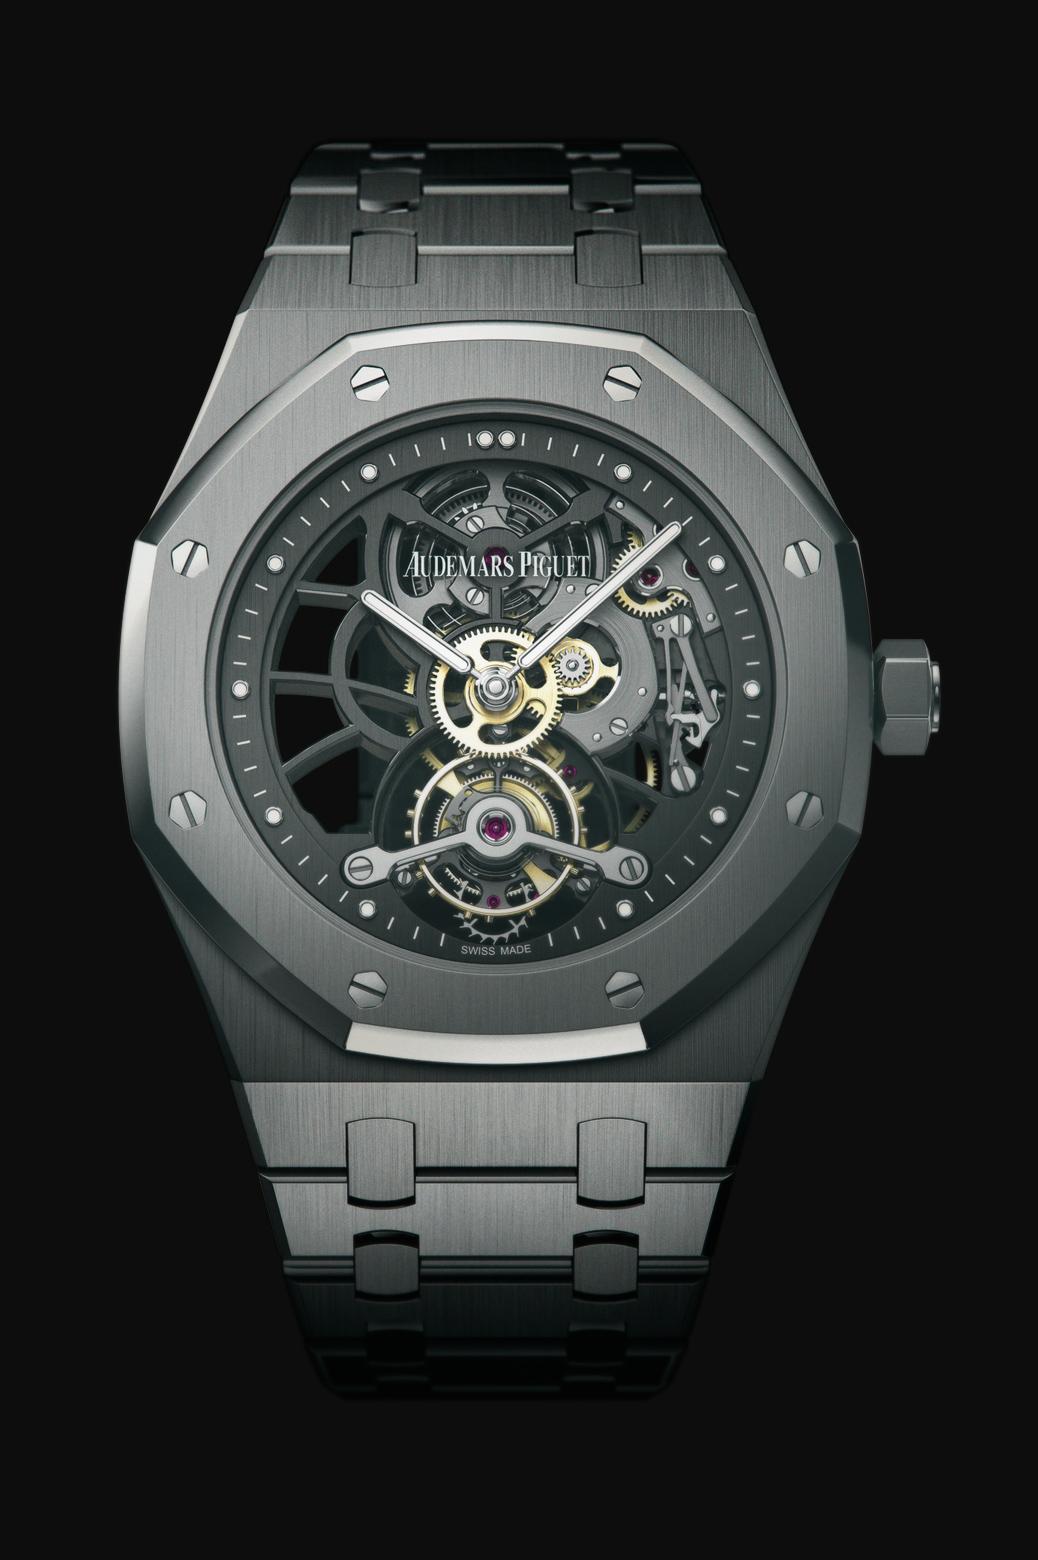 часы Audemars Piguet OPENWORKED EXTRA-THIN ROYAL OAK TOURBILLON